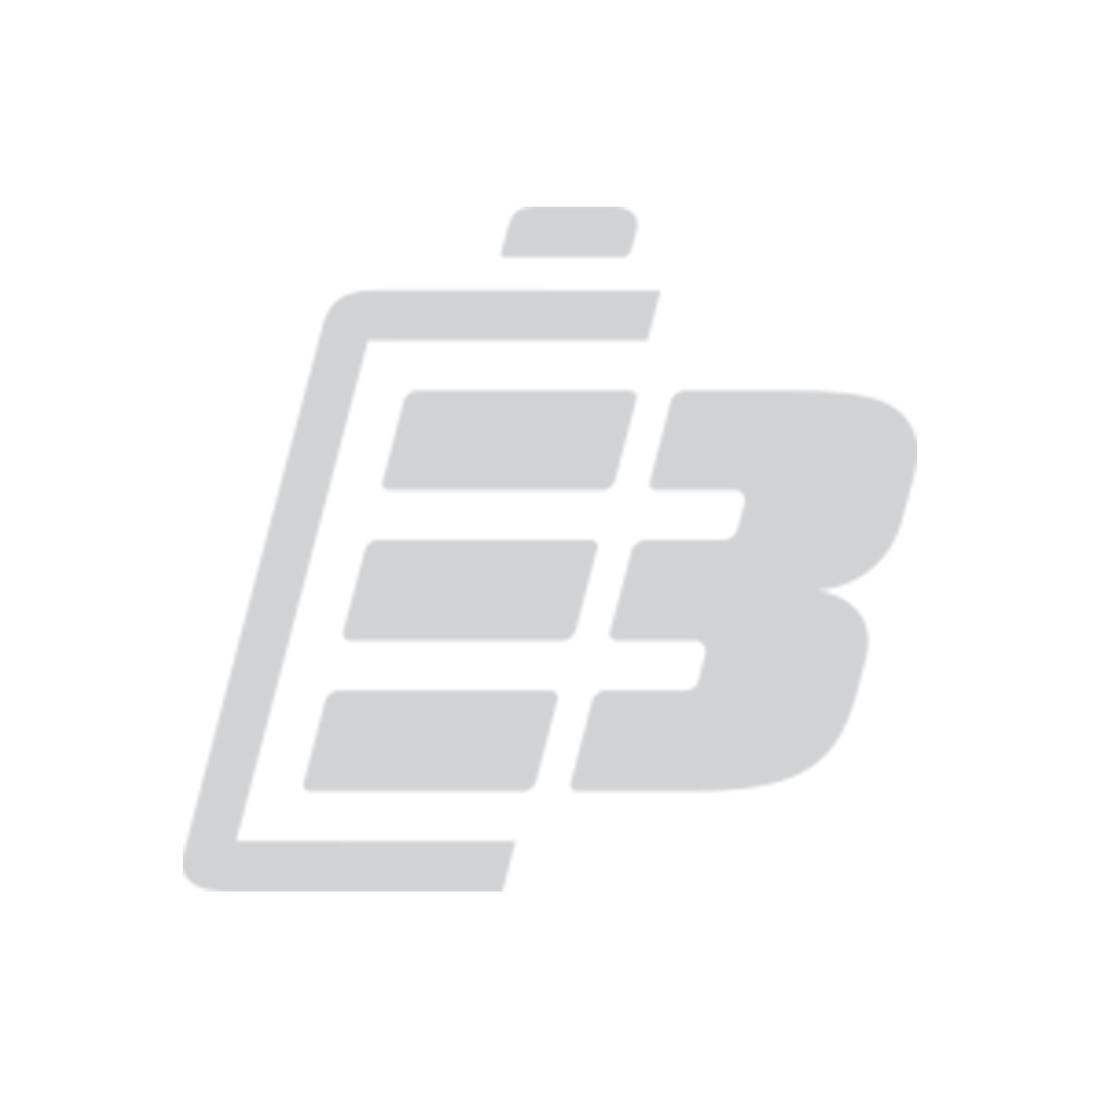 Μπαταρία barcode scanner Symbol MC70 ενισχυμένη_1